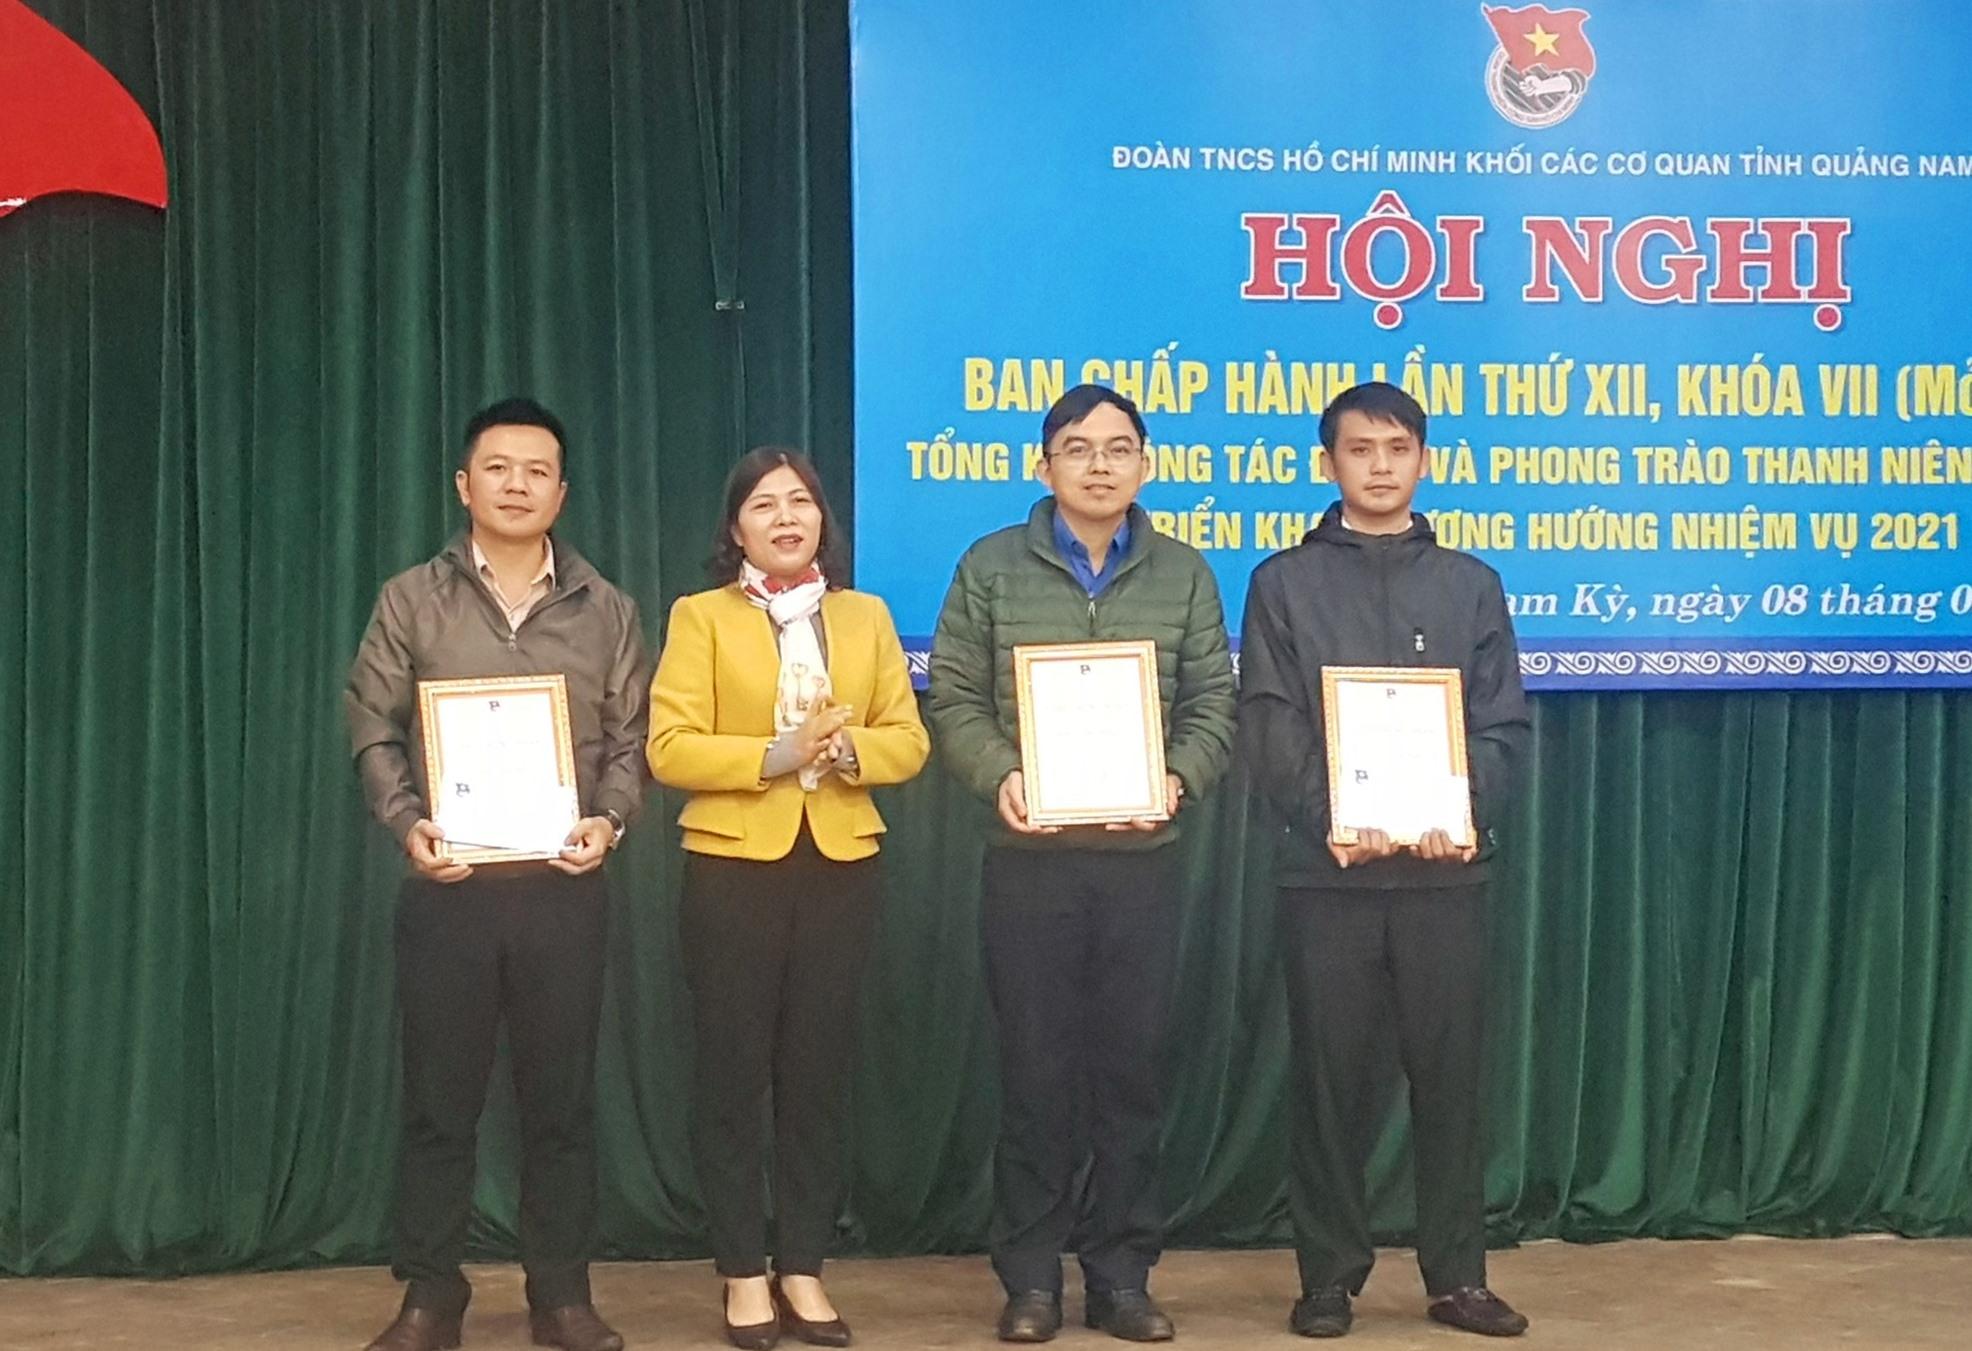 Các cá nhân là thanh niên trong Đoàn Khối nhận thưởng cuộc thi tìm hiểu Nghị quyết của Đảng. Ảnh: D.L